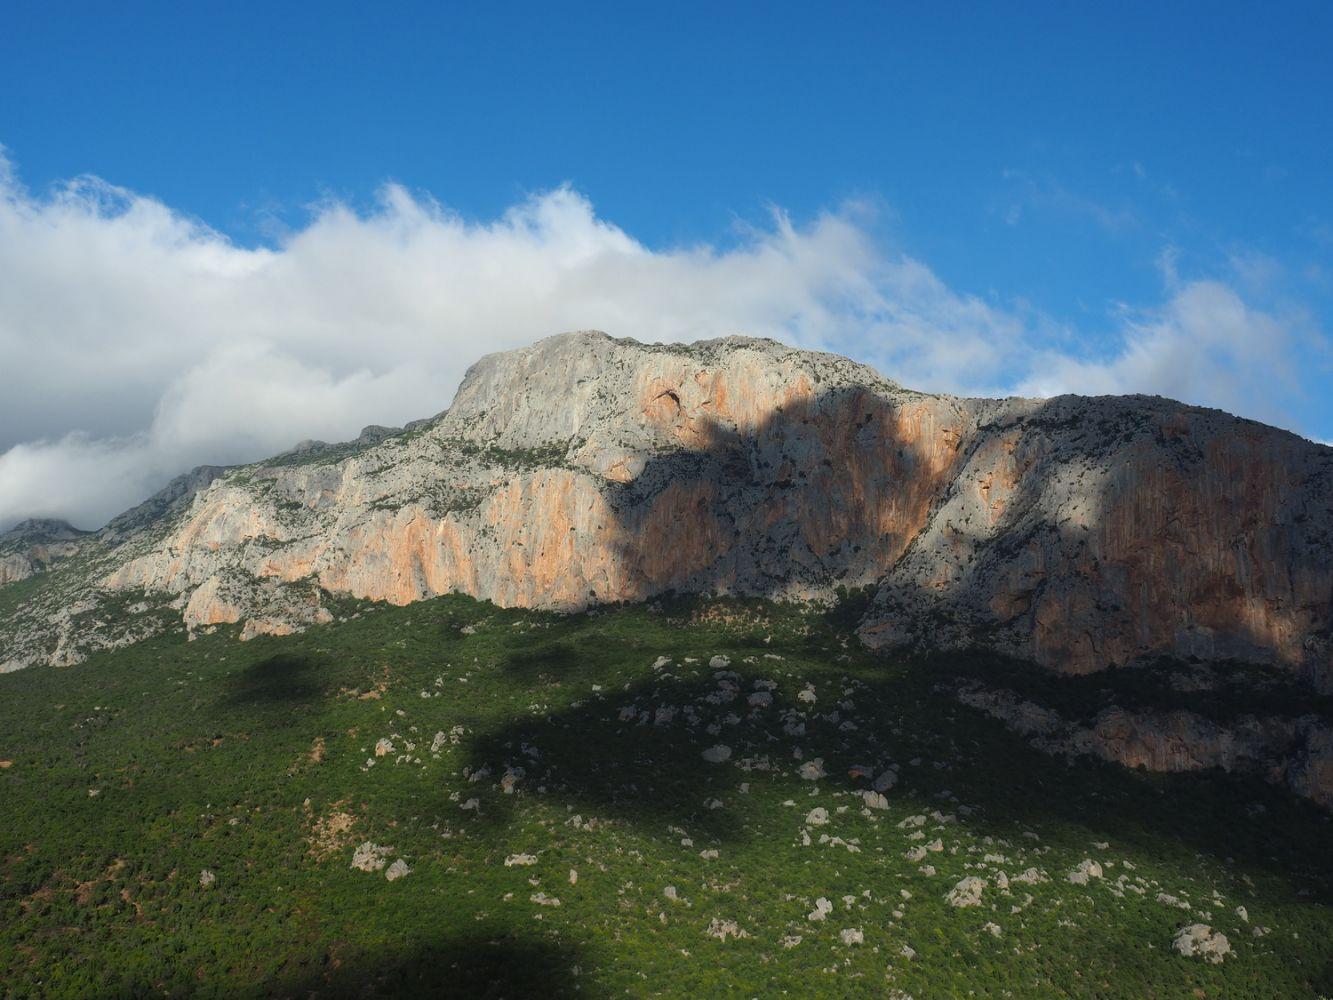 article_1711_Soleil d'automne sur les montagnes du Maroc_01